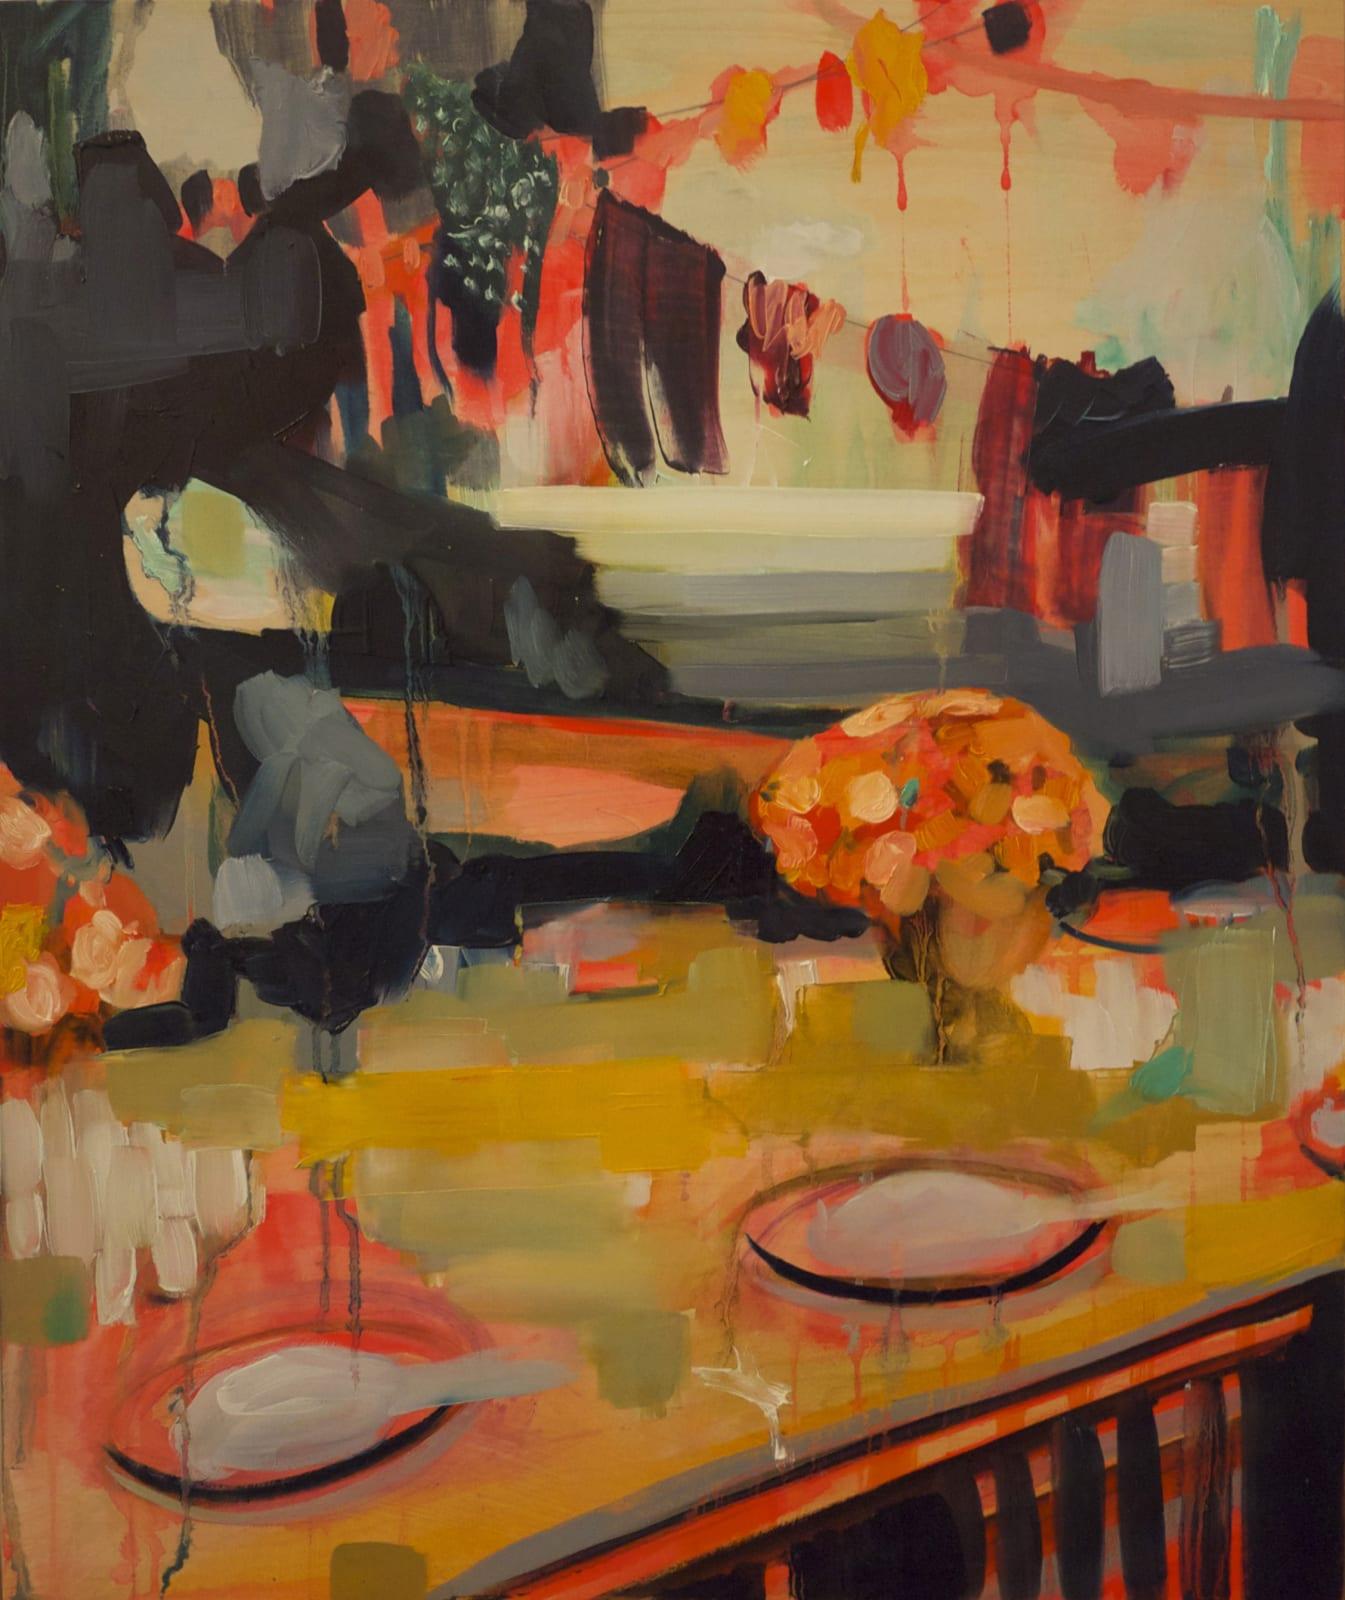 Elizabeth Schwaiger, Dinner Diner III, 2012